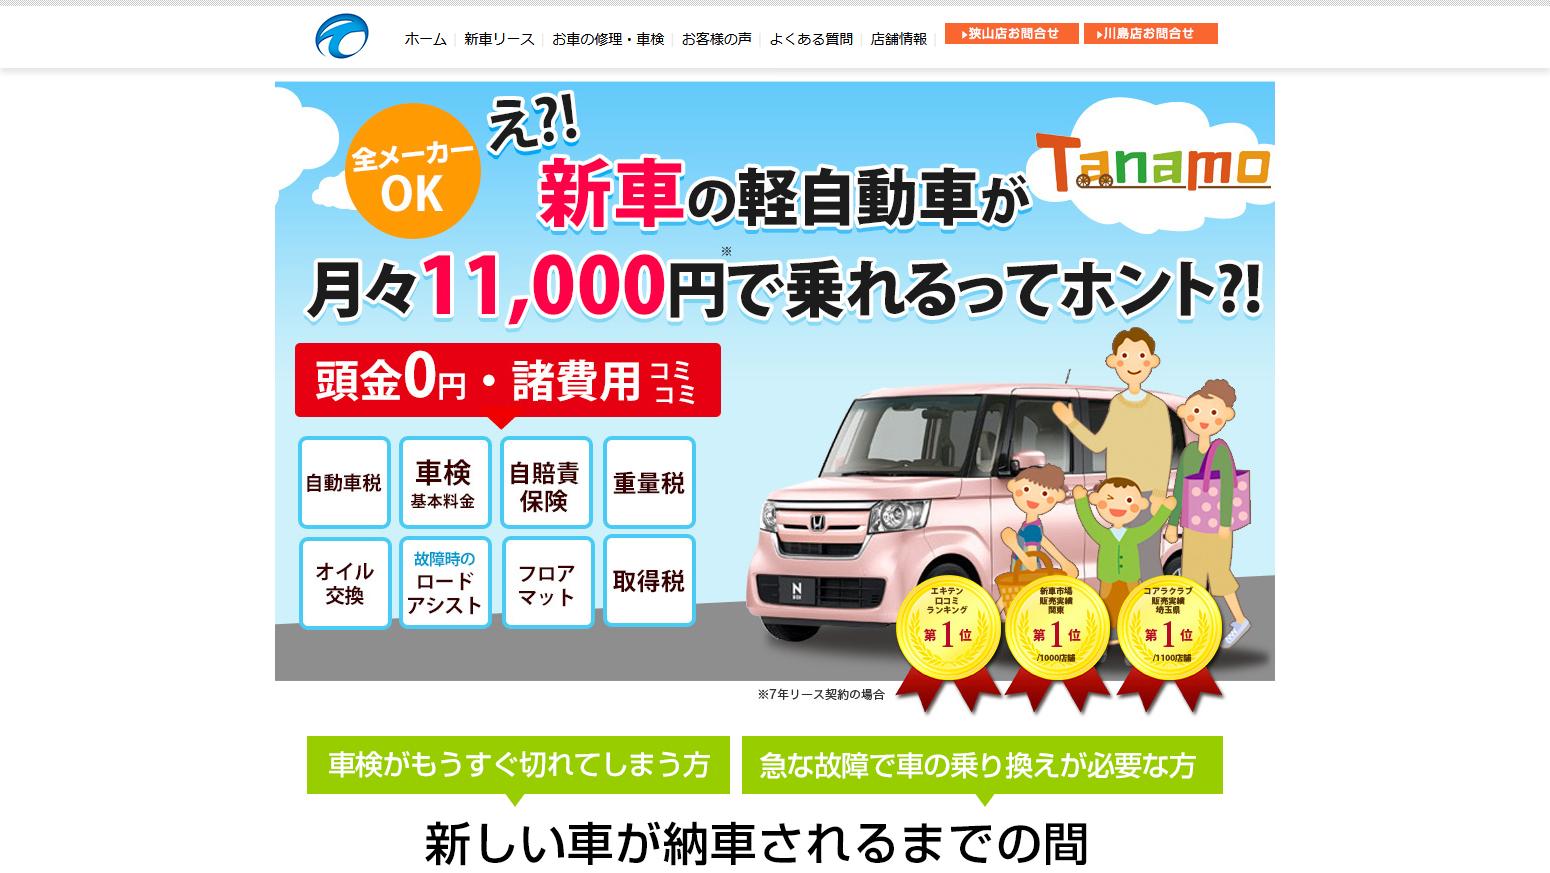 狭山市の新車 軽リースは「タナモ」 - 狭山市の新車専門店【田中モータース】